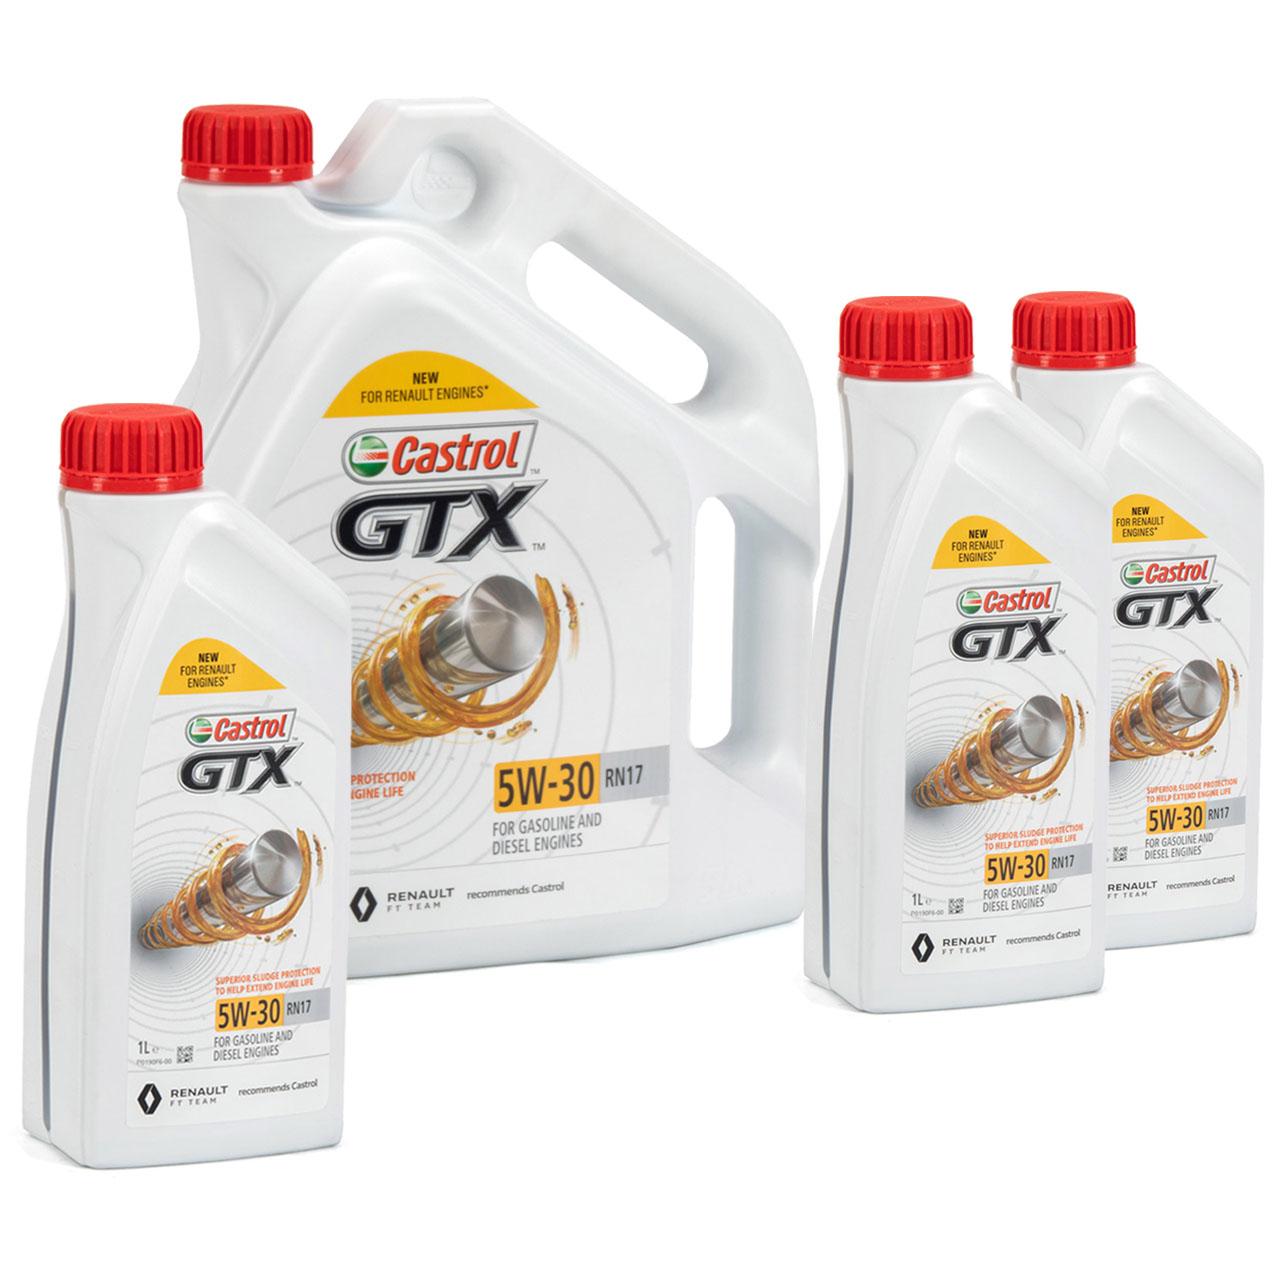 CASTROL Motoröl Öl GTX 5W-30 5W30 RN17 ACEA C3 für Renault - 8L 8 Liter